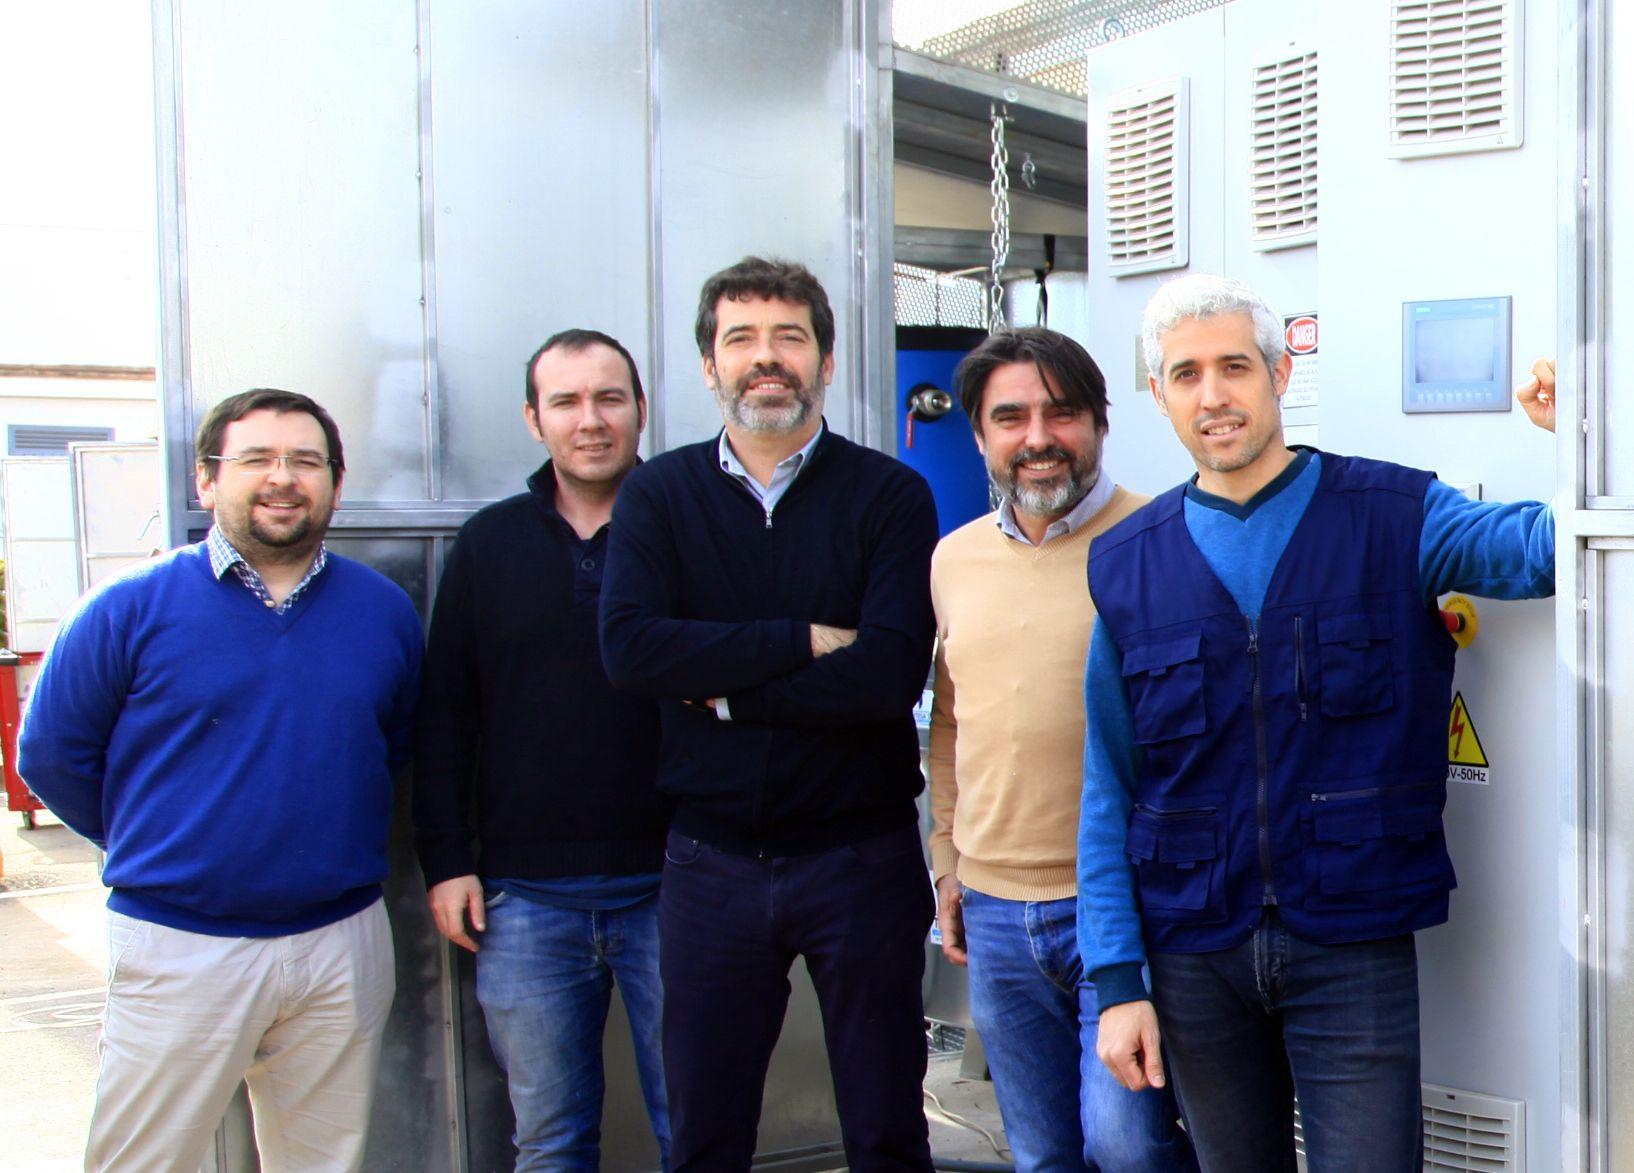 Miembros del Grupo TecEner de la CEU UCH, en la instalación de hidrógeno testada en la SMLsystem.